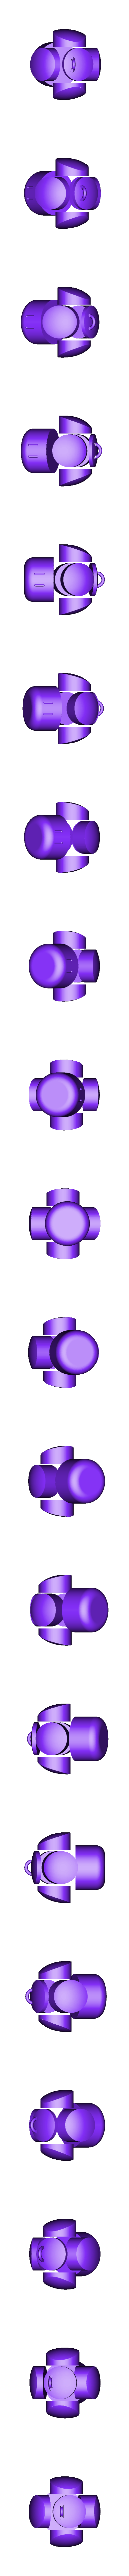 mushroom_dual_a.stl Télécharger fichier STL gratuit Cintre Super Mario Mushroom 1UP (Extrusion simple double et modulaire) • Objet imprimable en 3D, Runstone